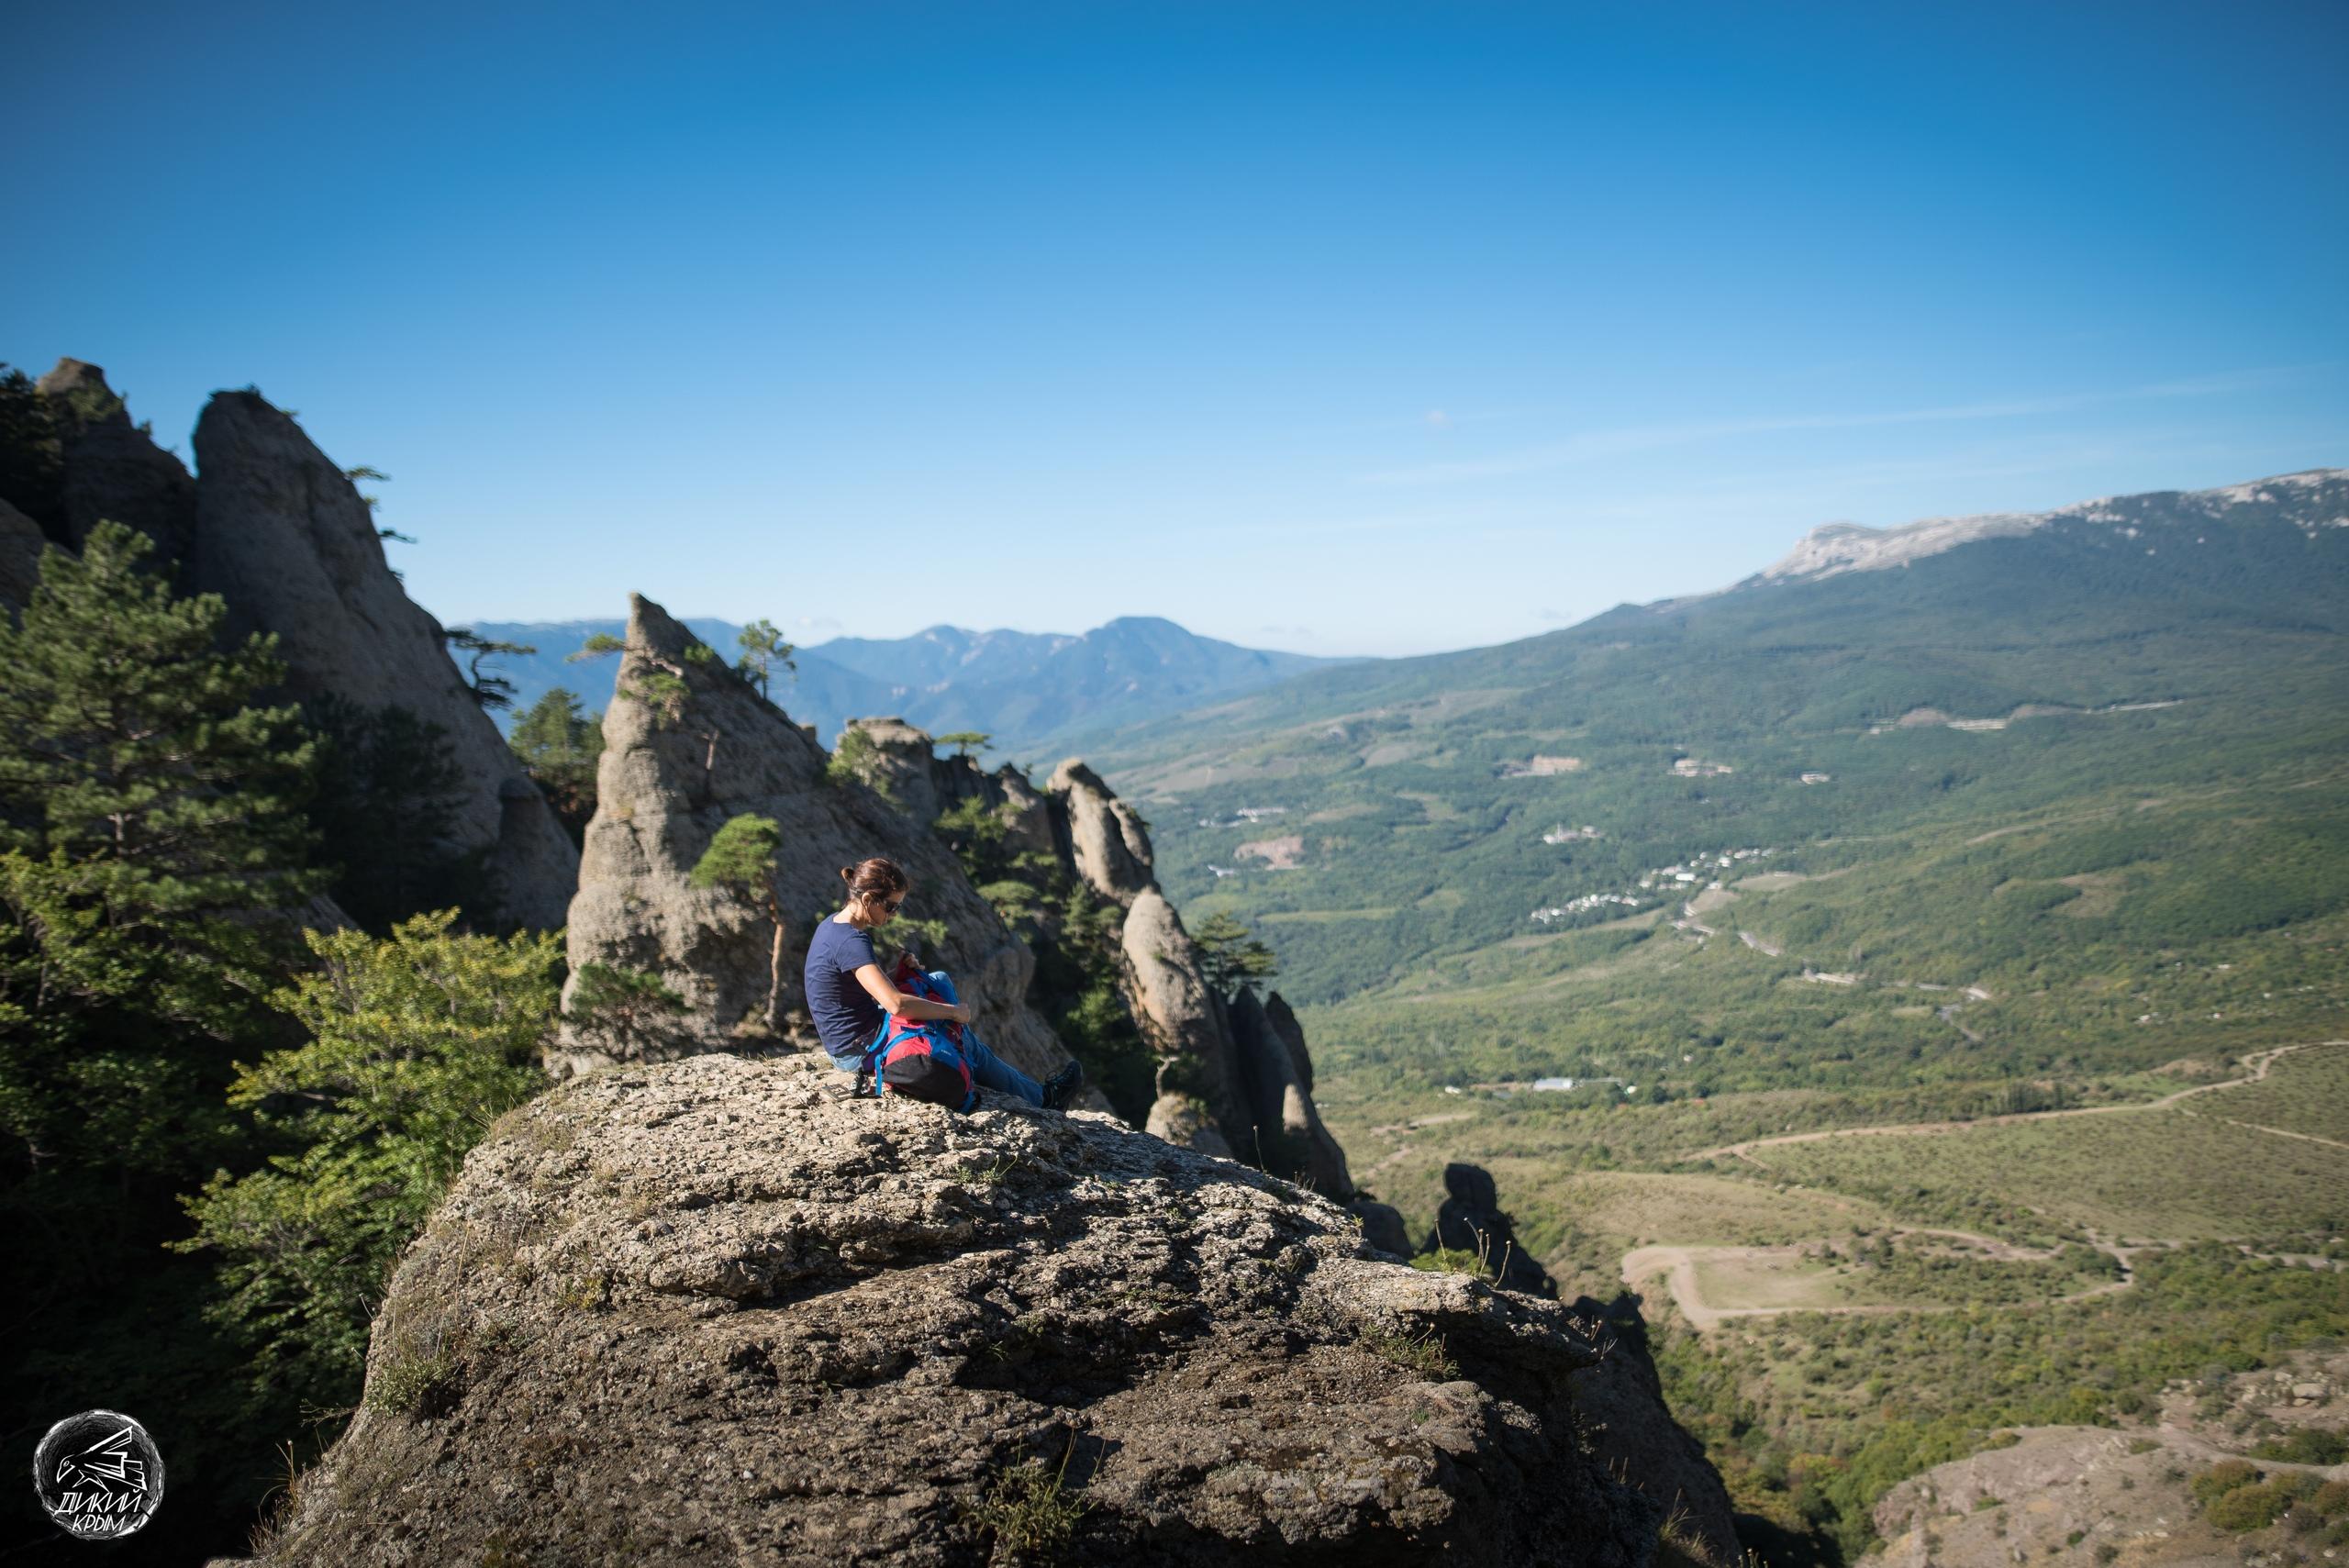 Над долиной привидений, гора Демерджи